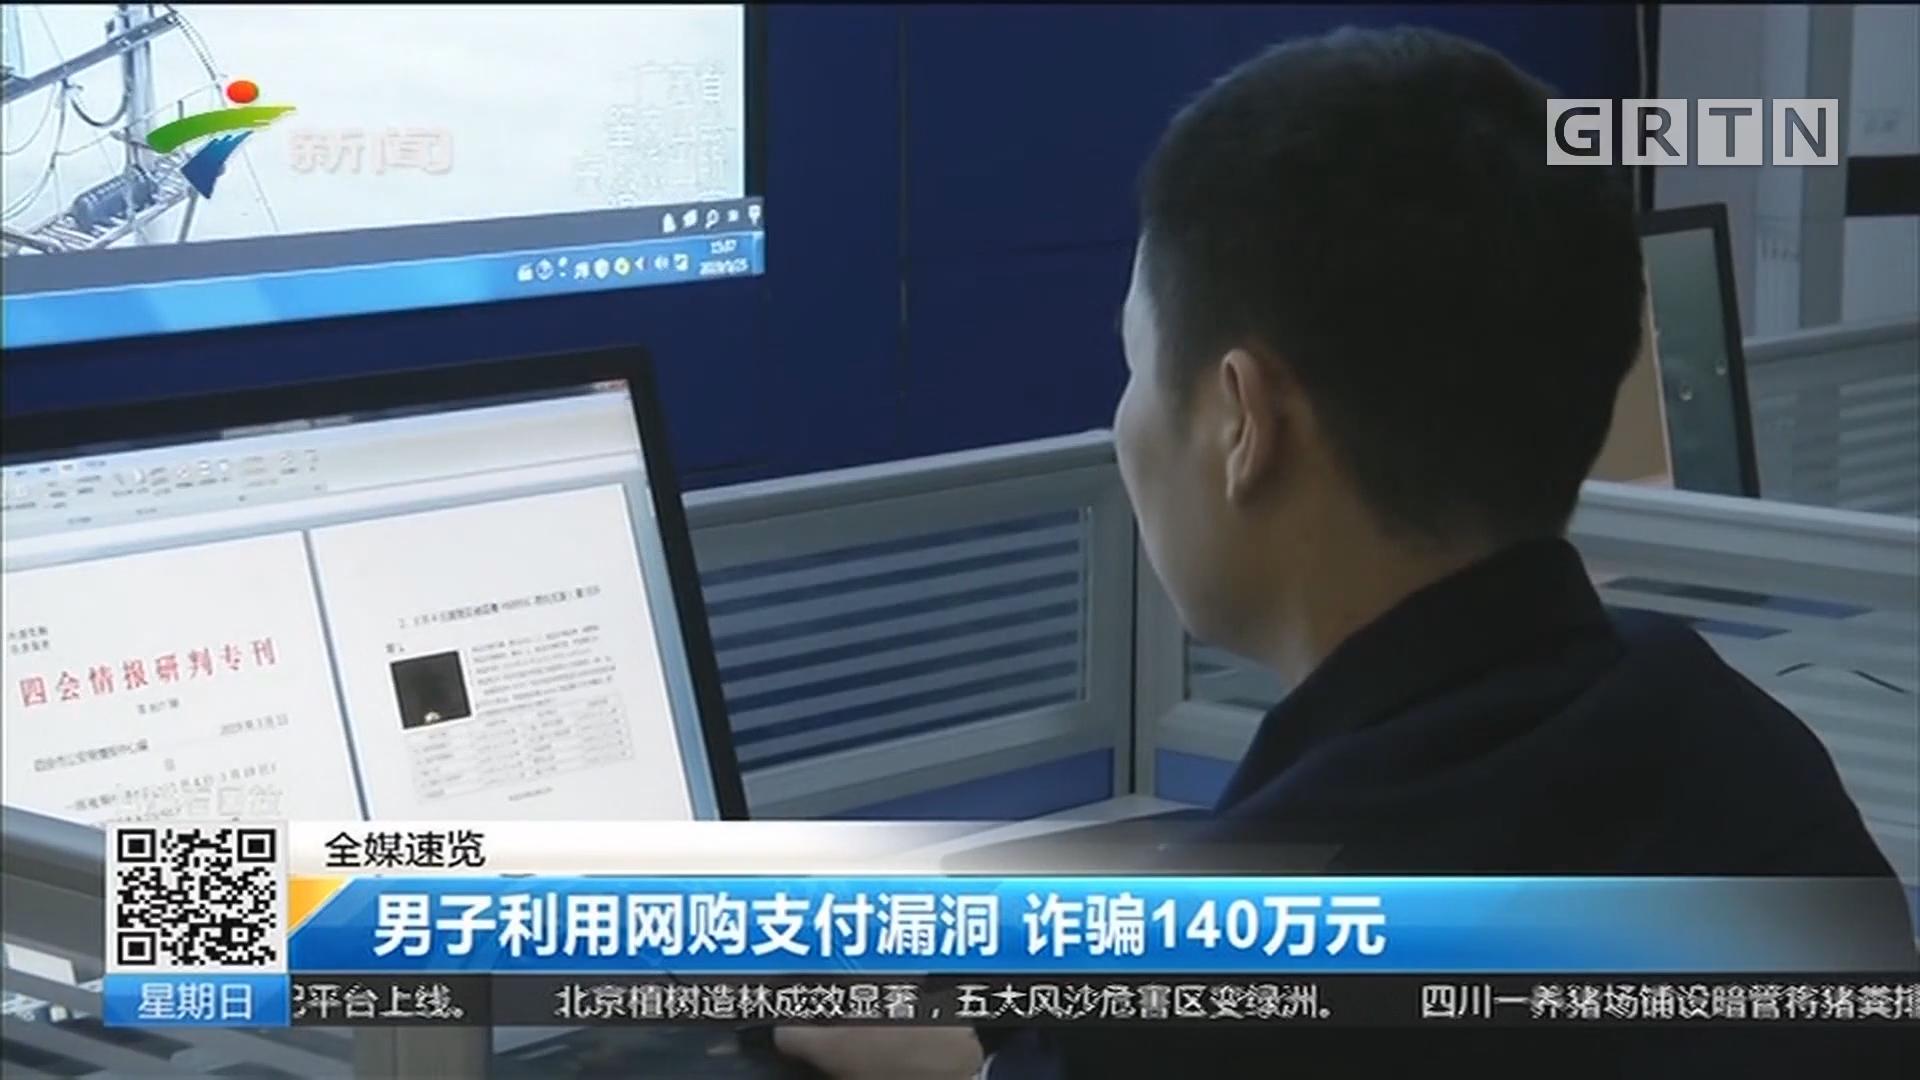 男子利用网购支付漏洞 诈骗140万元